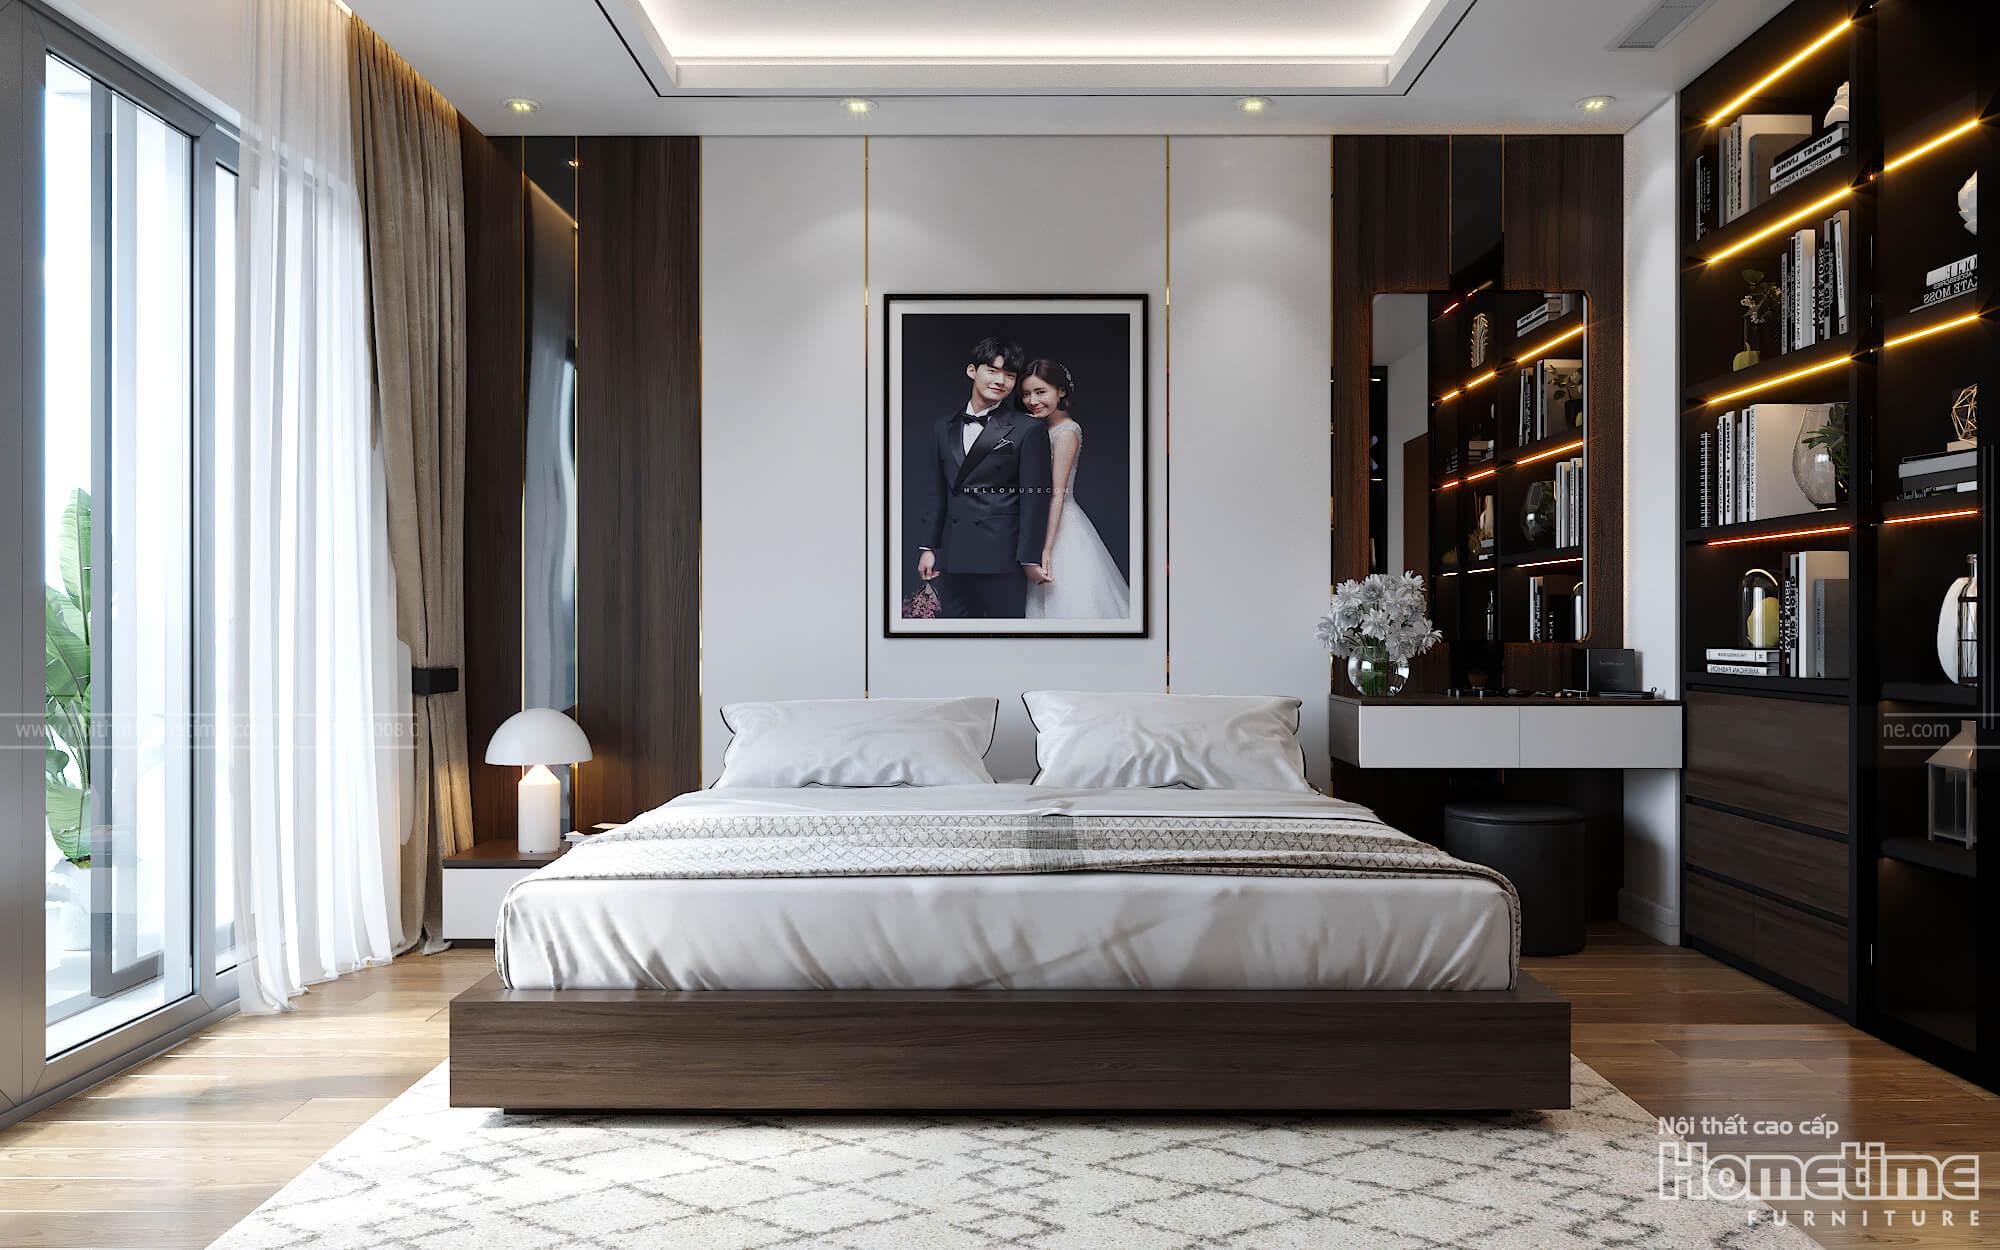 Phong cách thiết kế nội thất phòng ngủ sang trọng hiện đại